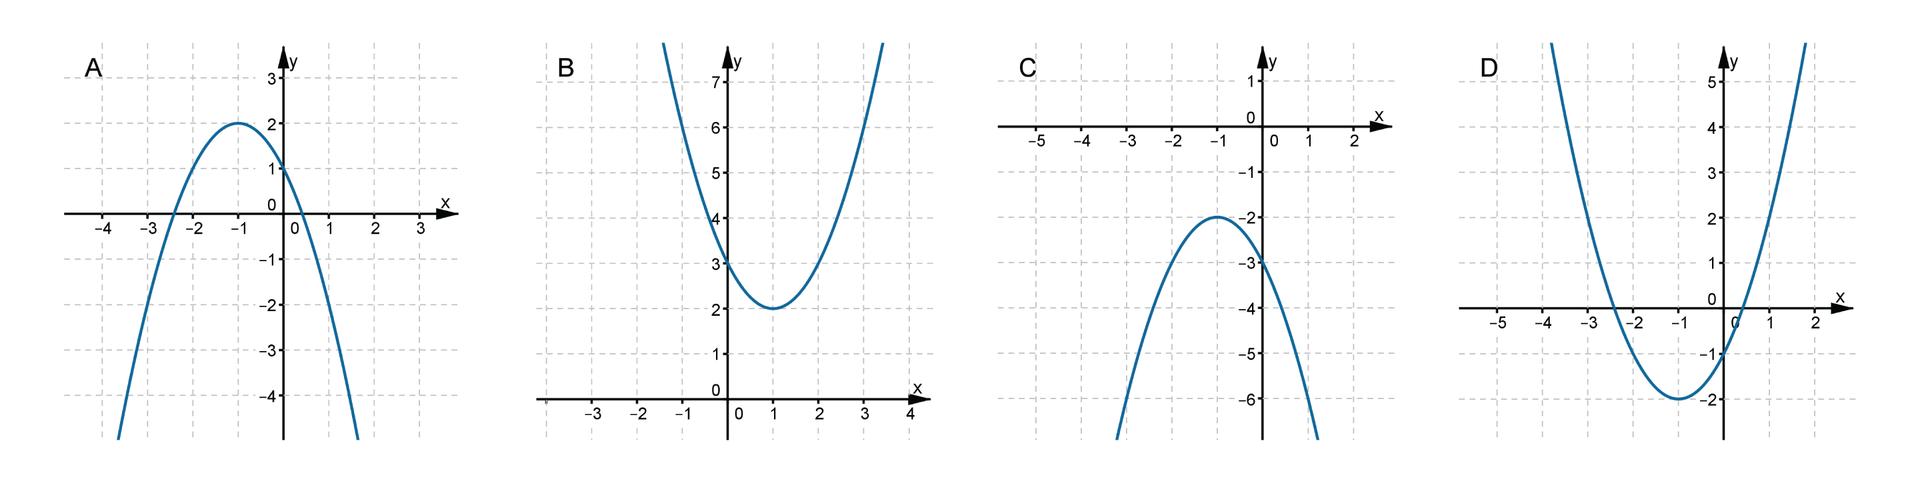 Wykresy czterech różnych funkcji kwadratowych f. Pierwsza funkcja to parabola leżąca wpierwszej , drugiej, trzeciej iczwartej ćwiartce układu współrzędnych owierzchołku wpunkcie (-1, 2). Do wykresu należy punkt (0, 1). Druga funkcja to: parabola leżąca wpierwszej idrugiej ćwiartce układu współrzędnych owierzchołku wpunkcie (1, 2). Do wykresu należy punkt (0, 3). Trzecia funkcja to: parabola leżąca wtrzeciej iczwartej ćwiartce układu współrzędnych owierzchołku wpunkcie (-1, -2). Do wykresu należy punkt (0, -3). Czwarta funkcja to: parabola leżąca wpierwszej, drugiej, trzeciej iczwartej ćwiartce układu współrzędnych owierzchołku wpunkcie (-1, -2). Do wykresu należy punkt (0, -1).